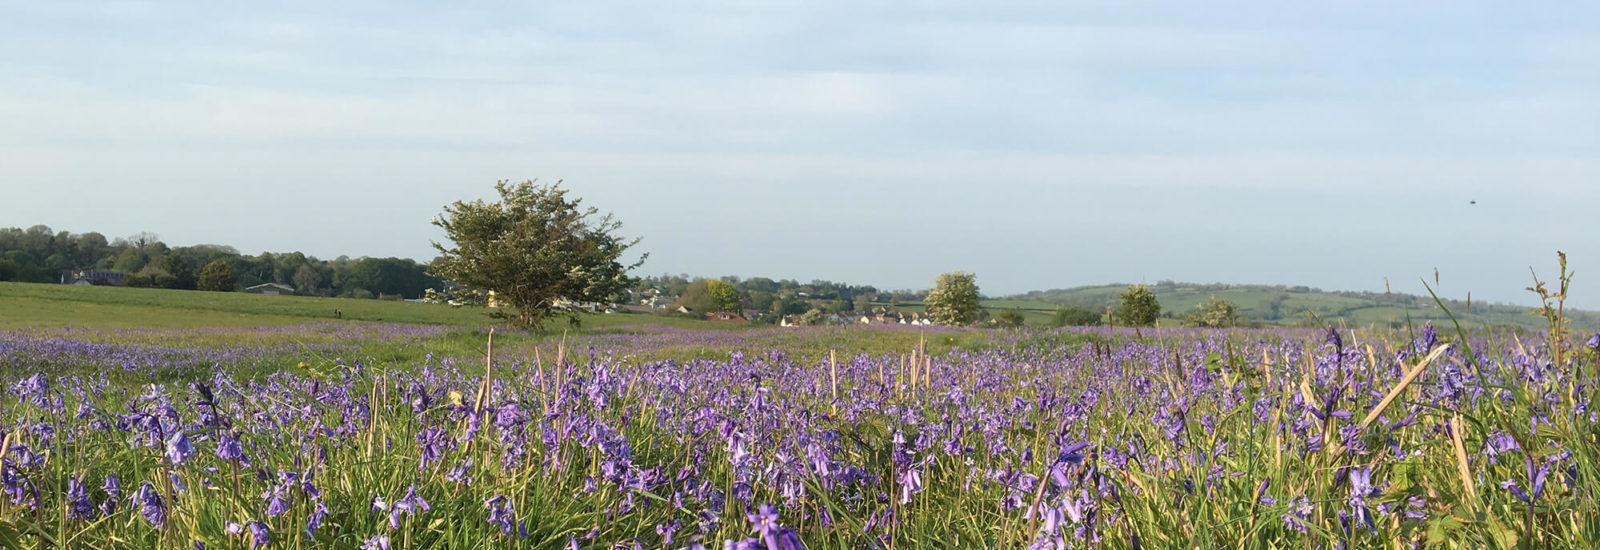 Image of Felton Common